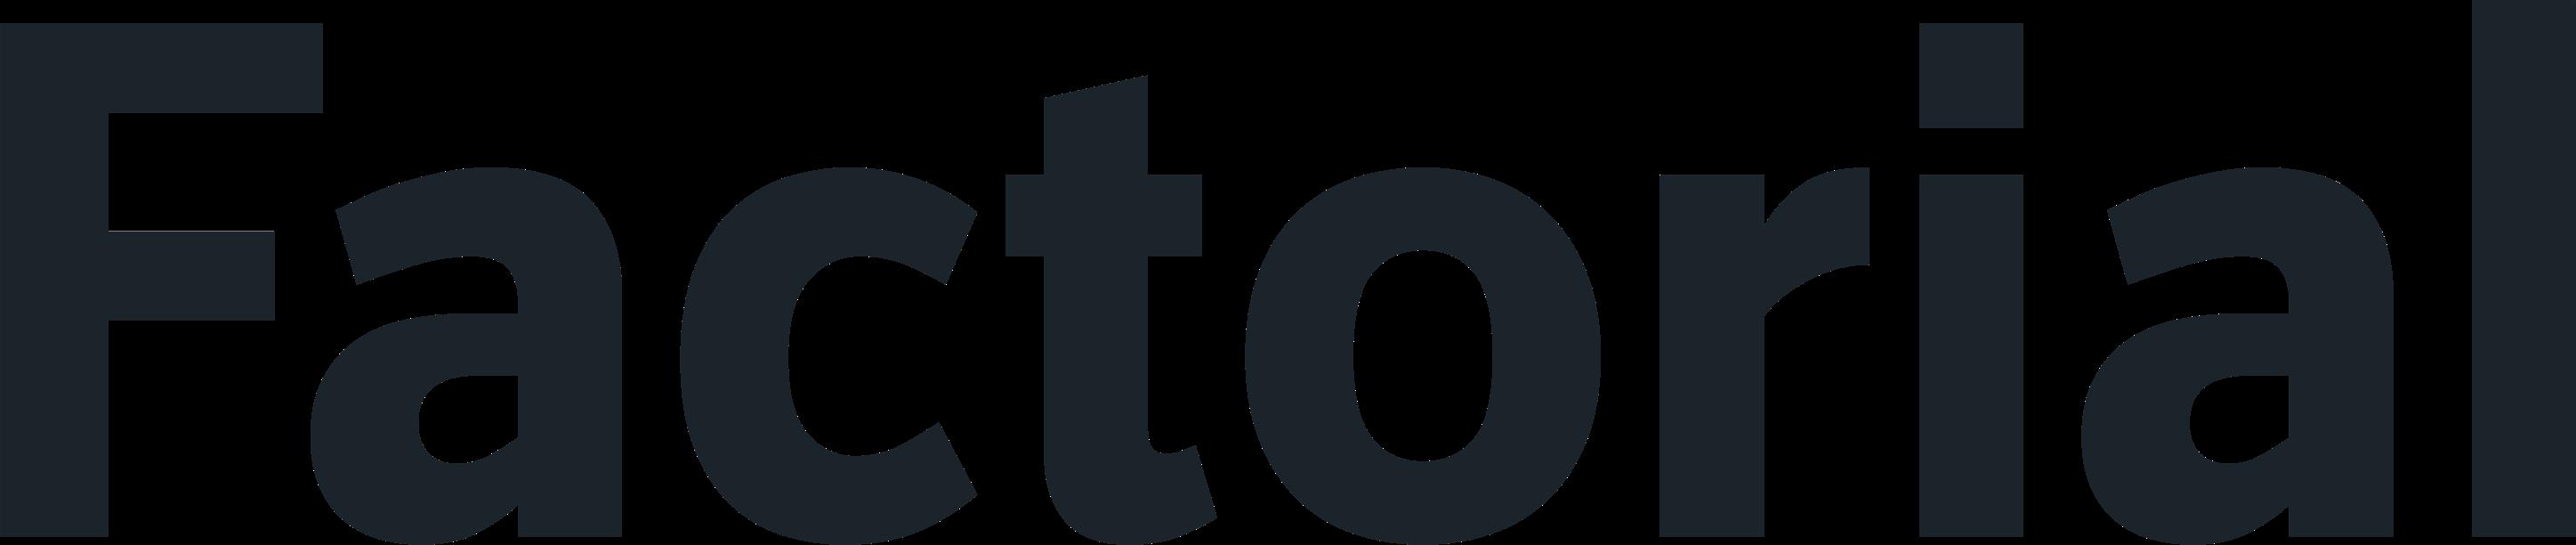 Factorial logo